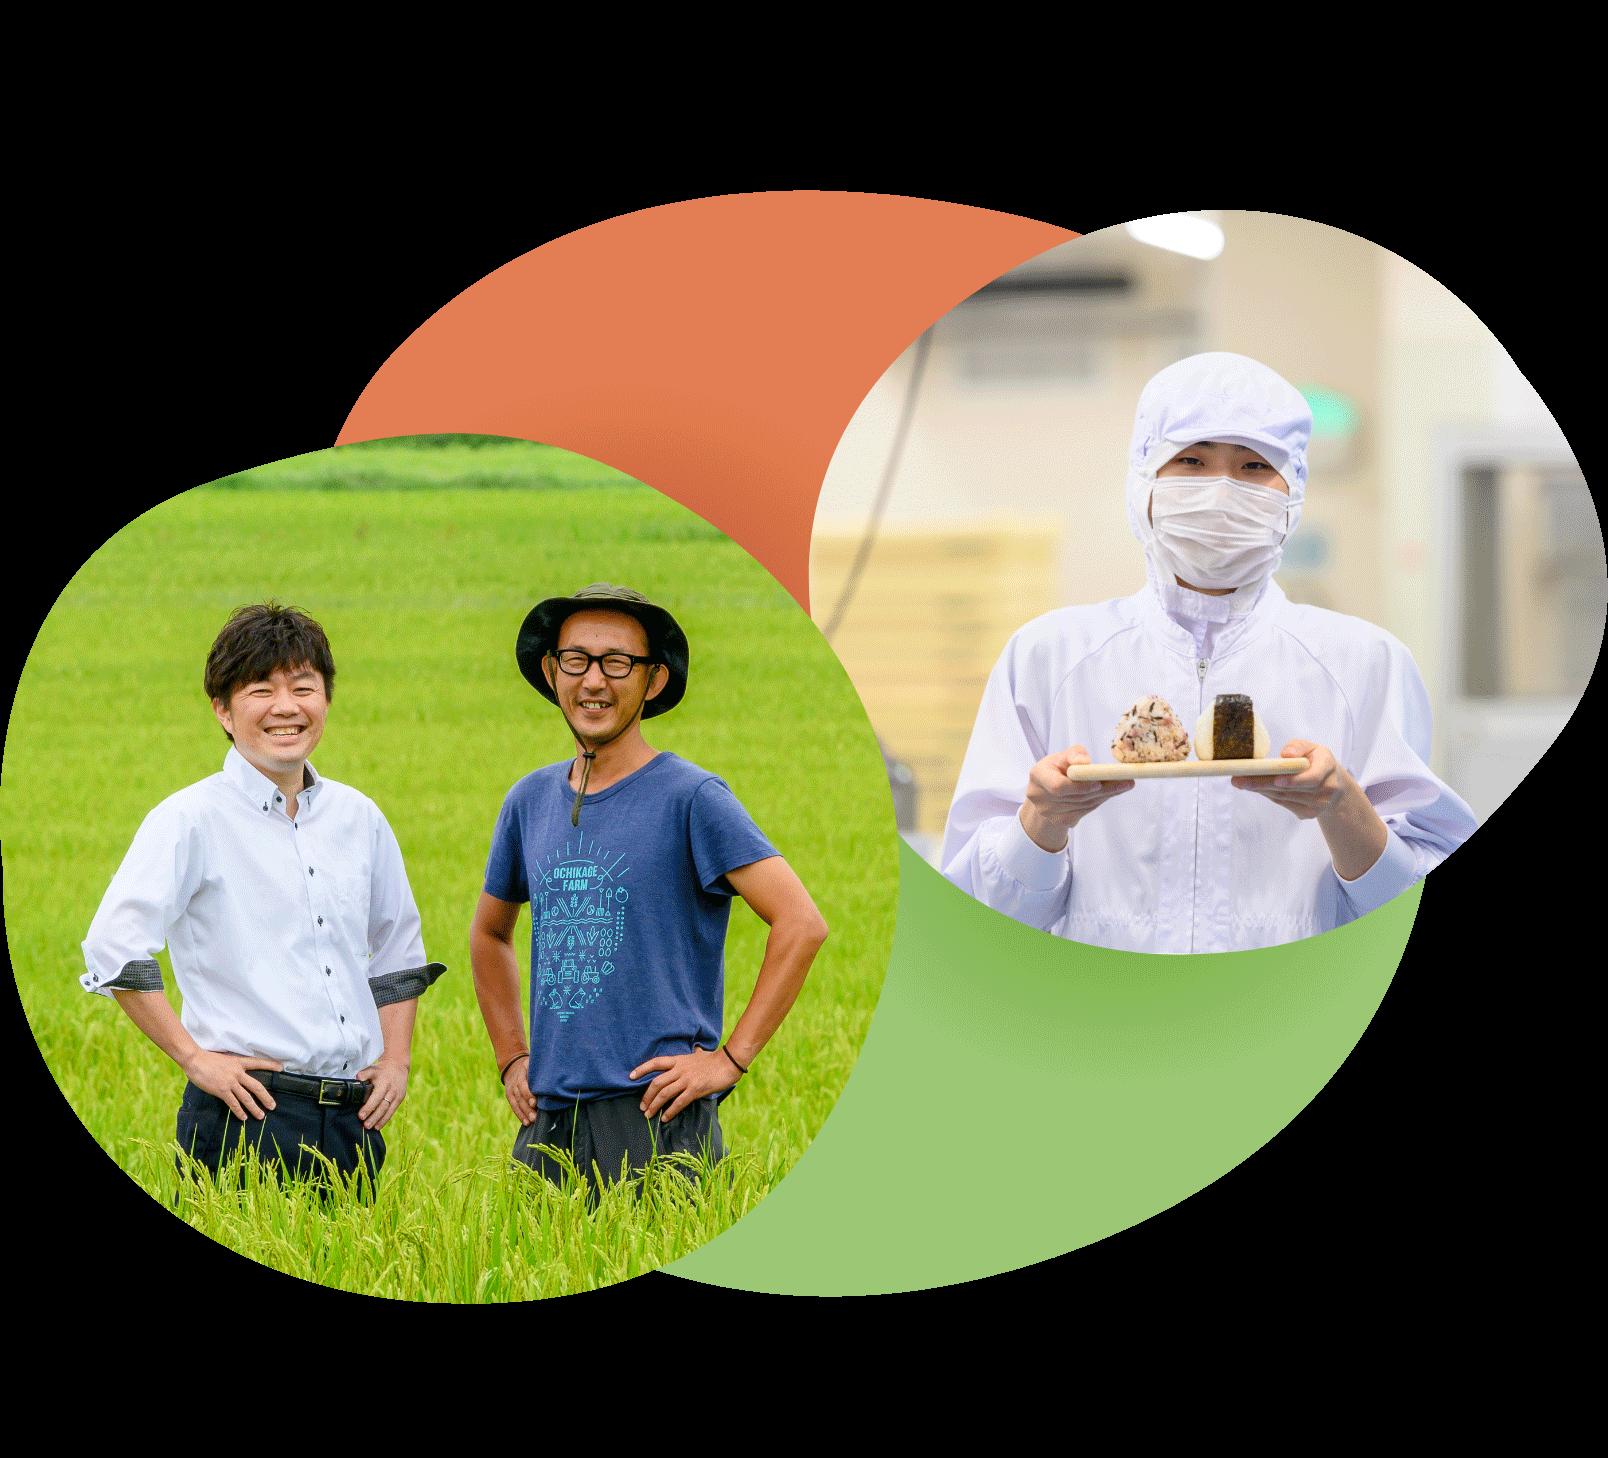 長野のおいしいお米を作り手から、あなたへ届ける炊飯工場担当者 長野米のベイクック